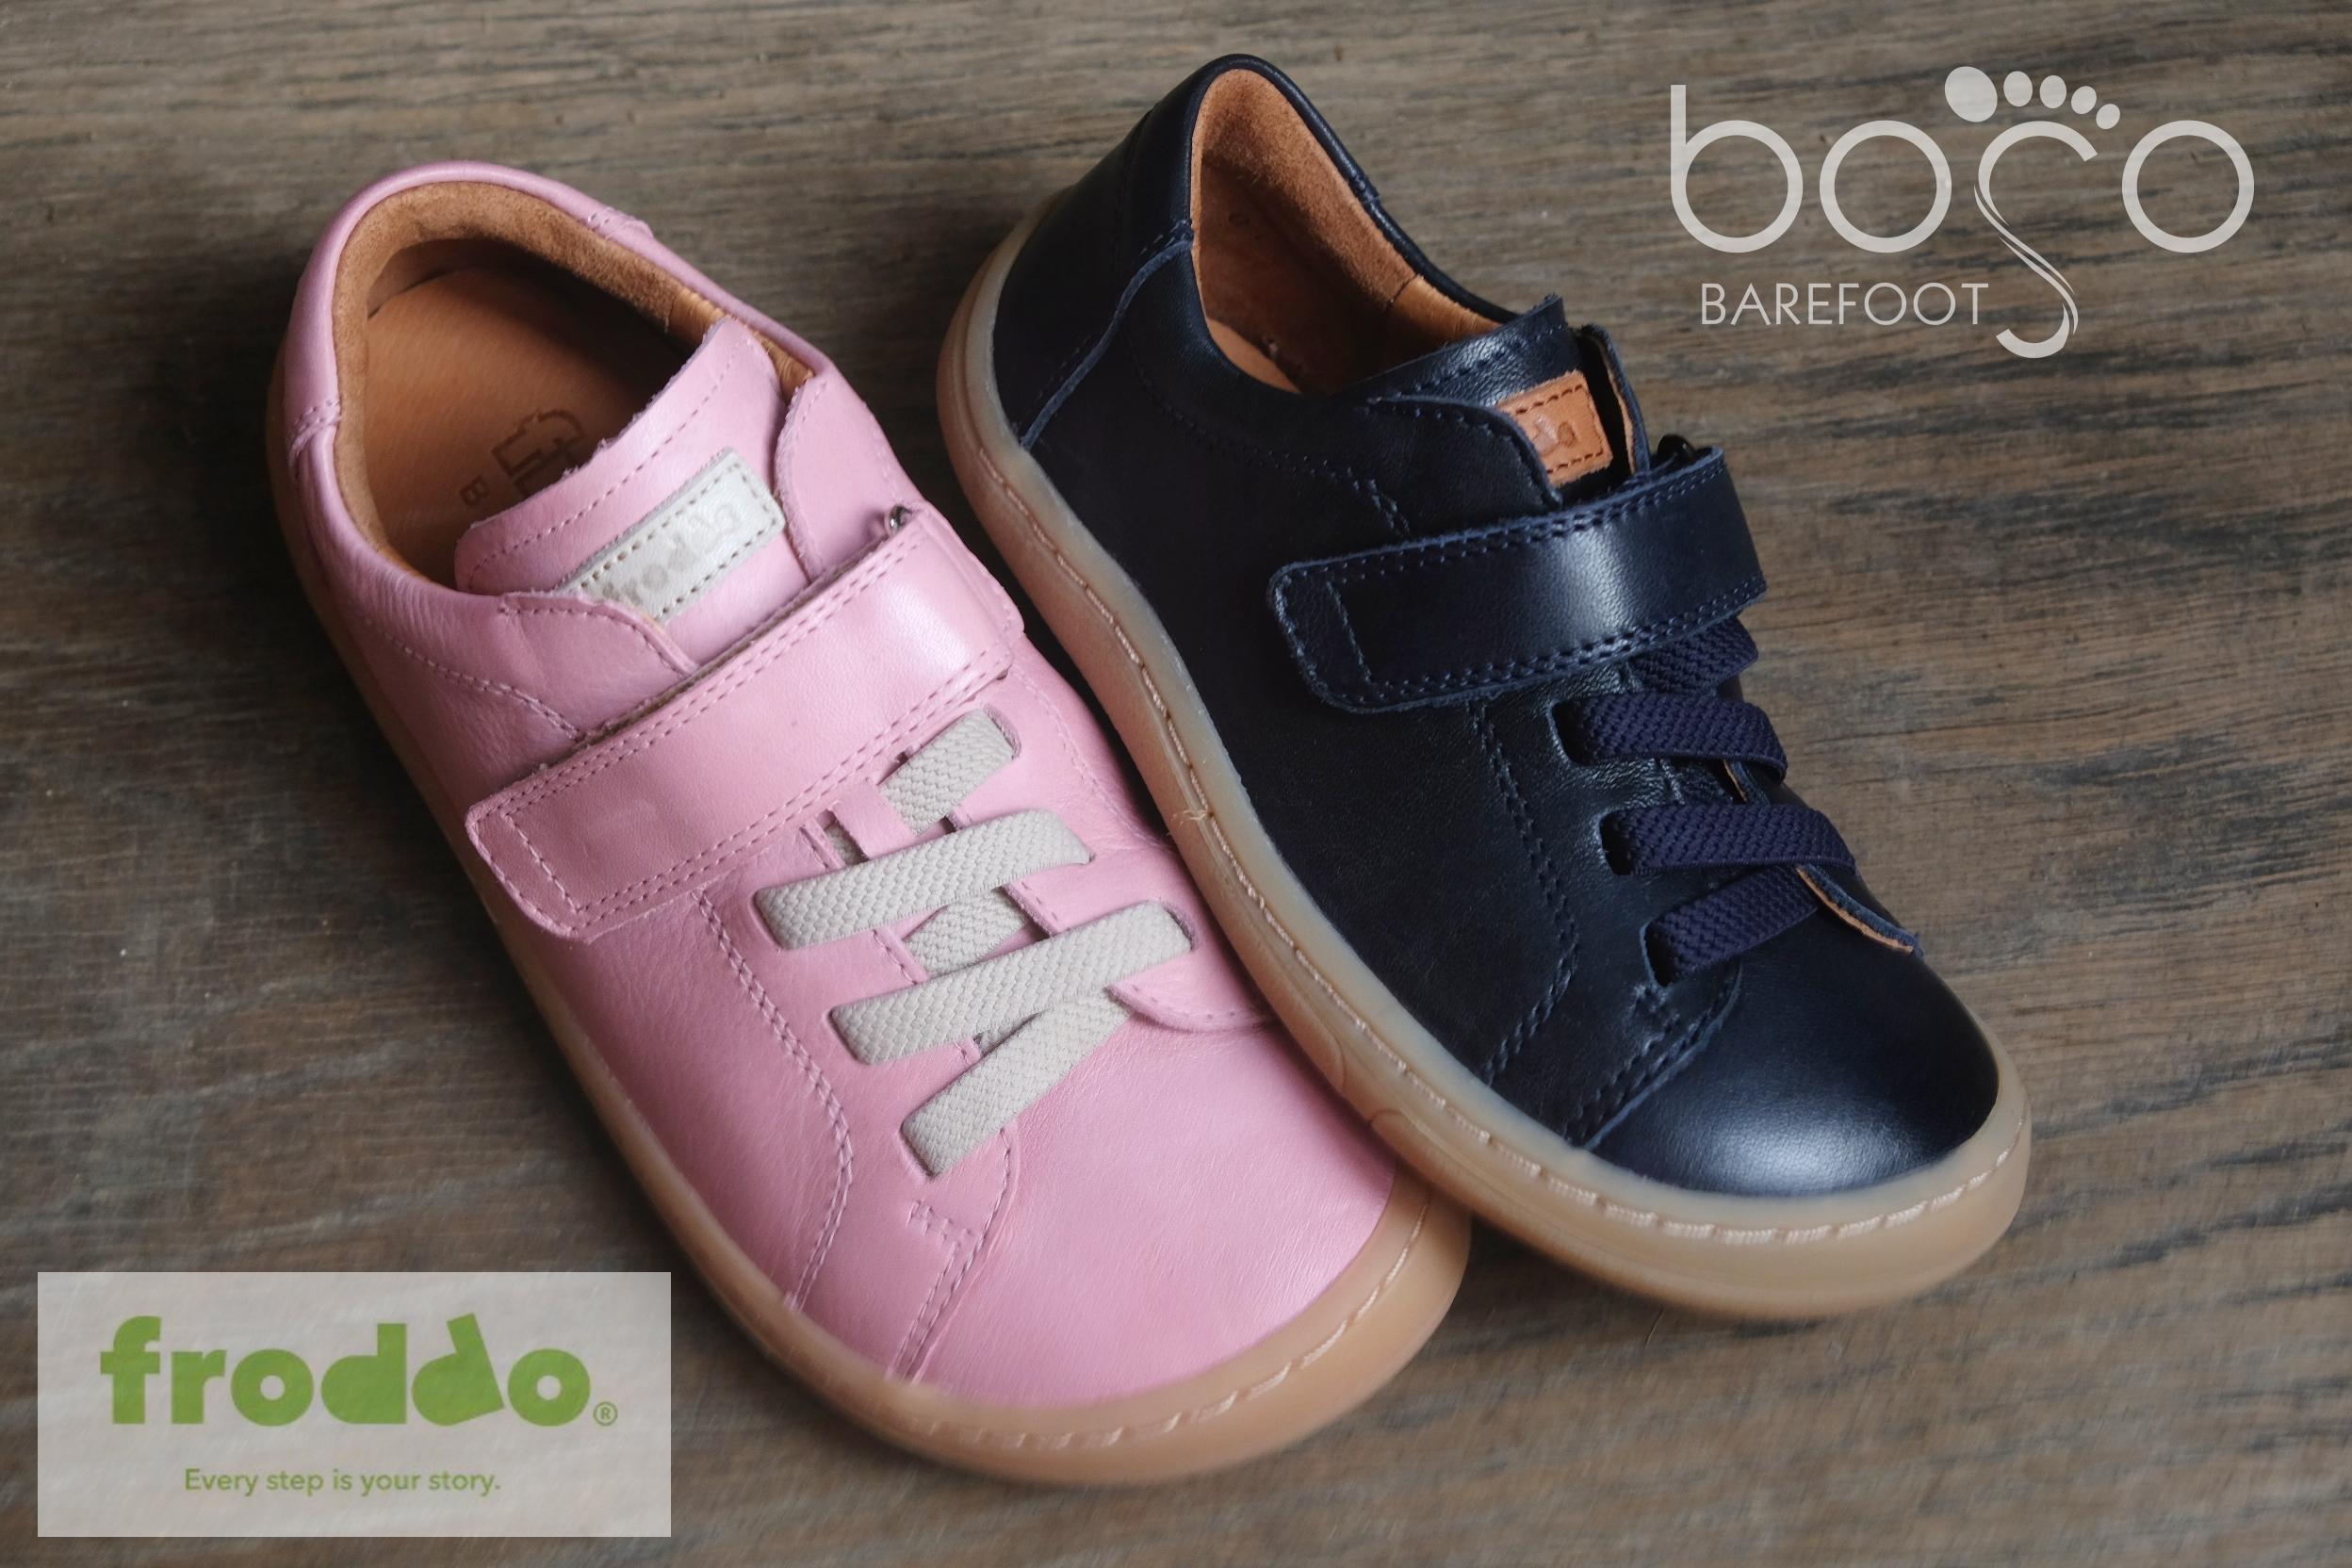 froddo-barefoot-G3130149-1-dark-blue-pink-3